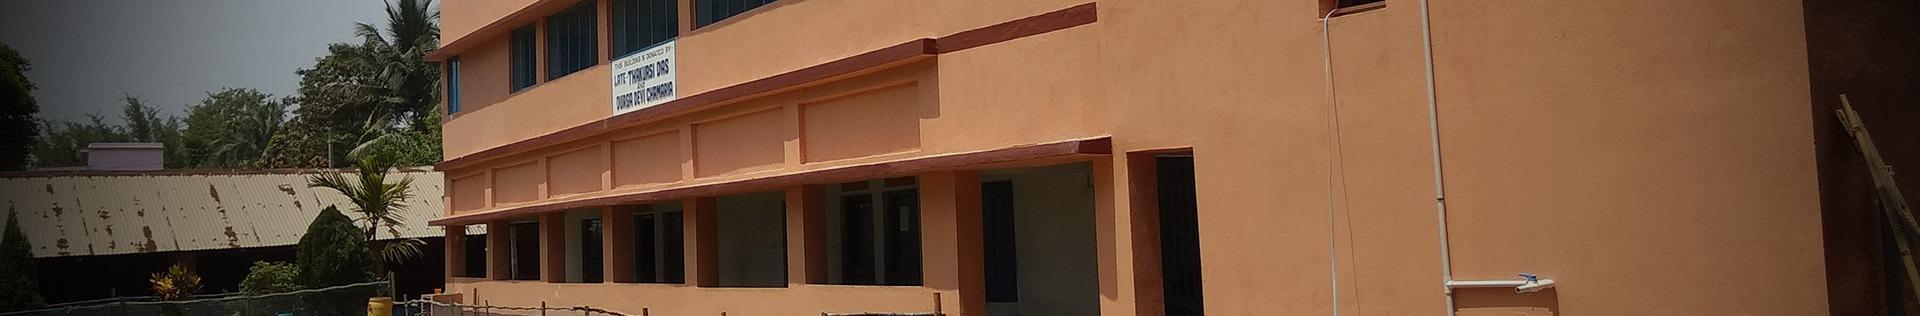 Image of school building at babudumro